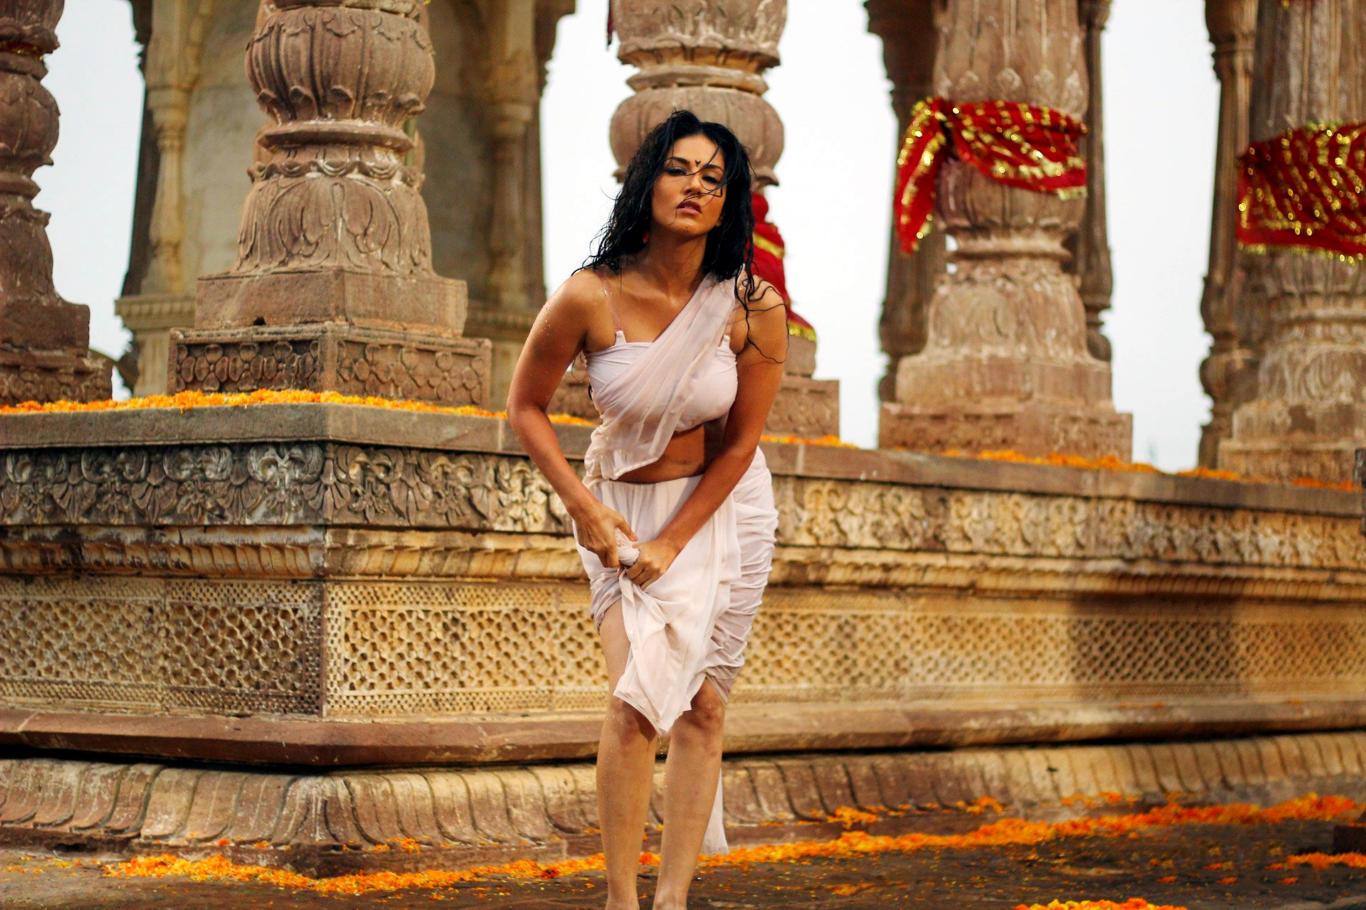 Sunny Leone Wet Clothes Hot Wallpaper